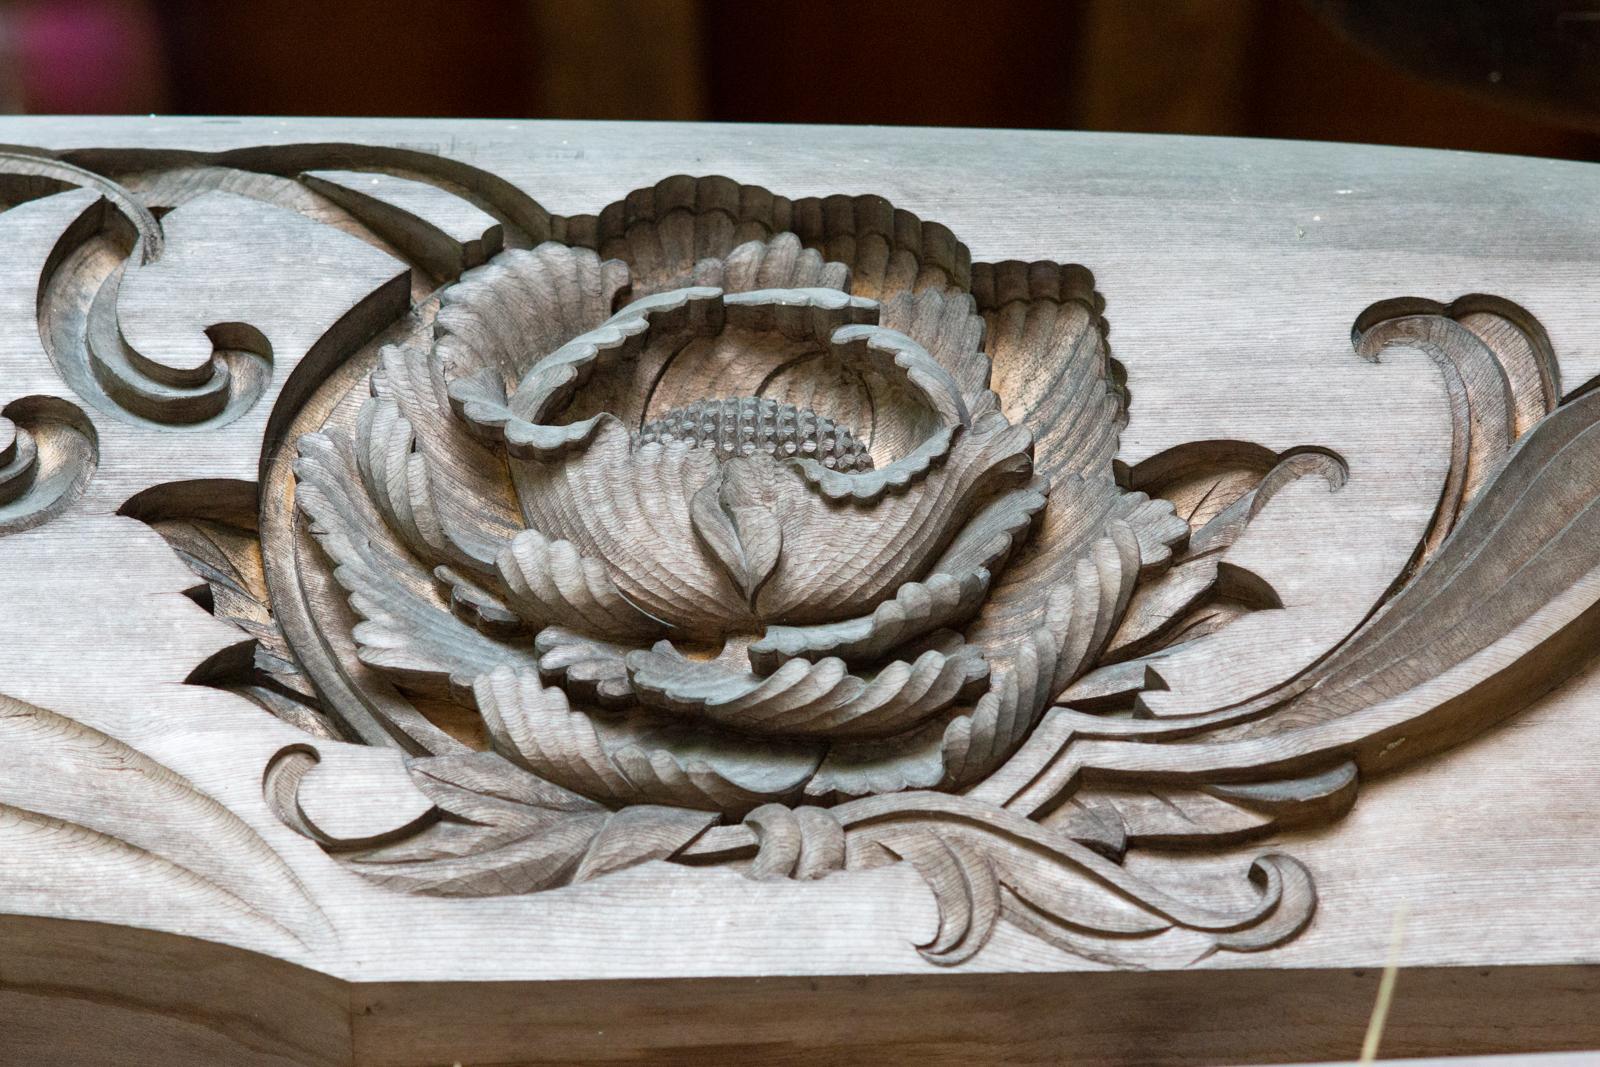 貫井神社、本殿の彫刻飾りの写真